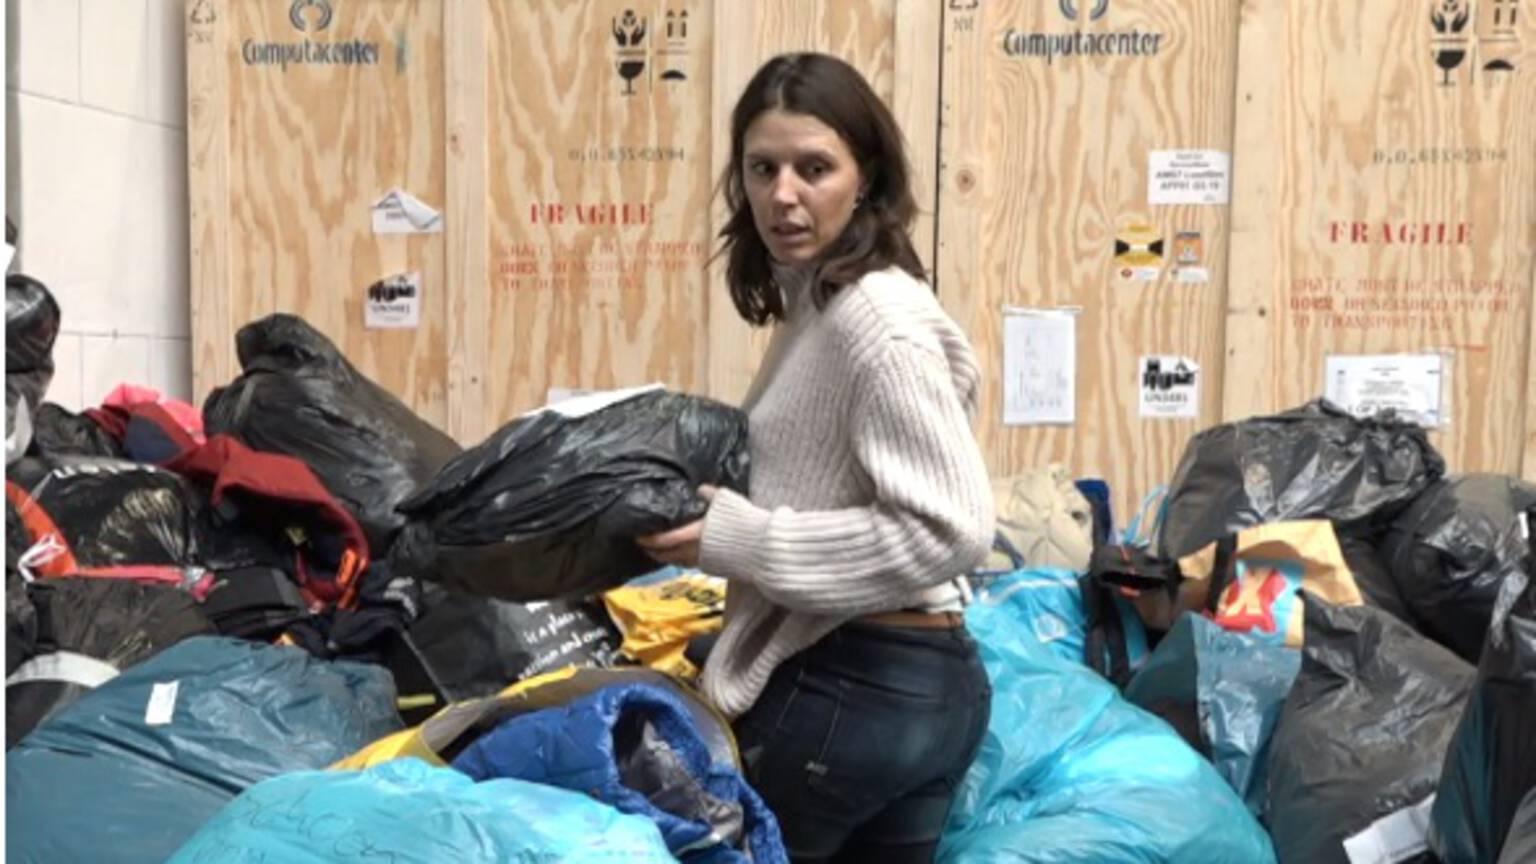 Duizenden winterjassen ingezameld voor vluchtelingen in